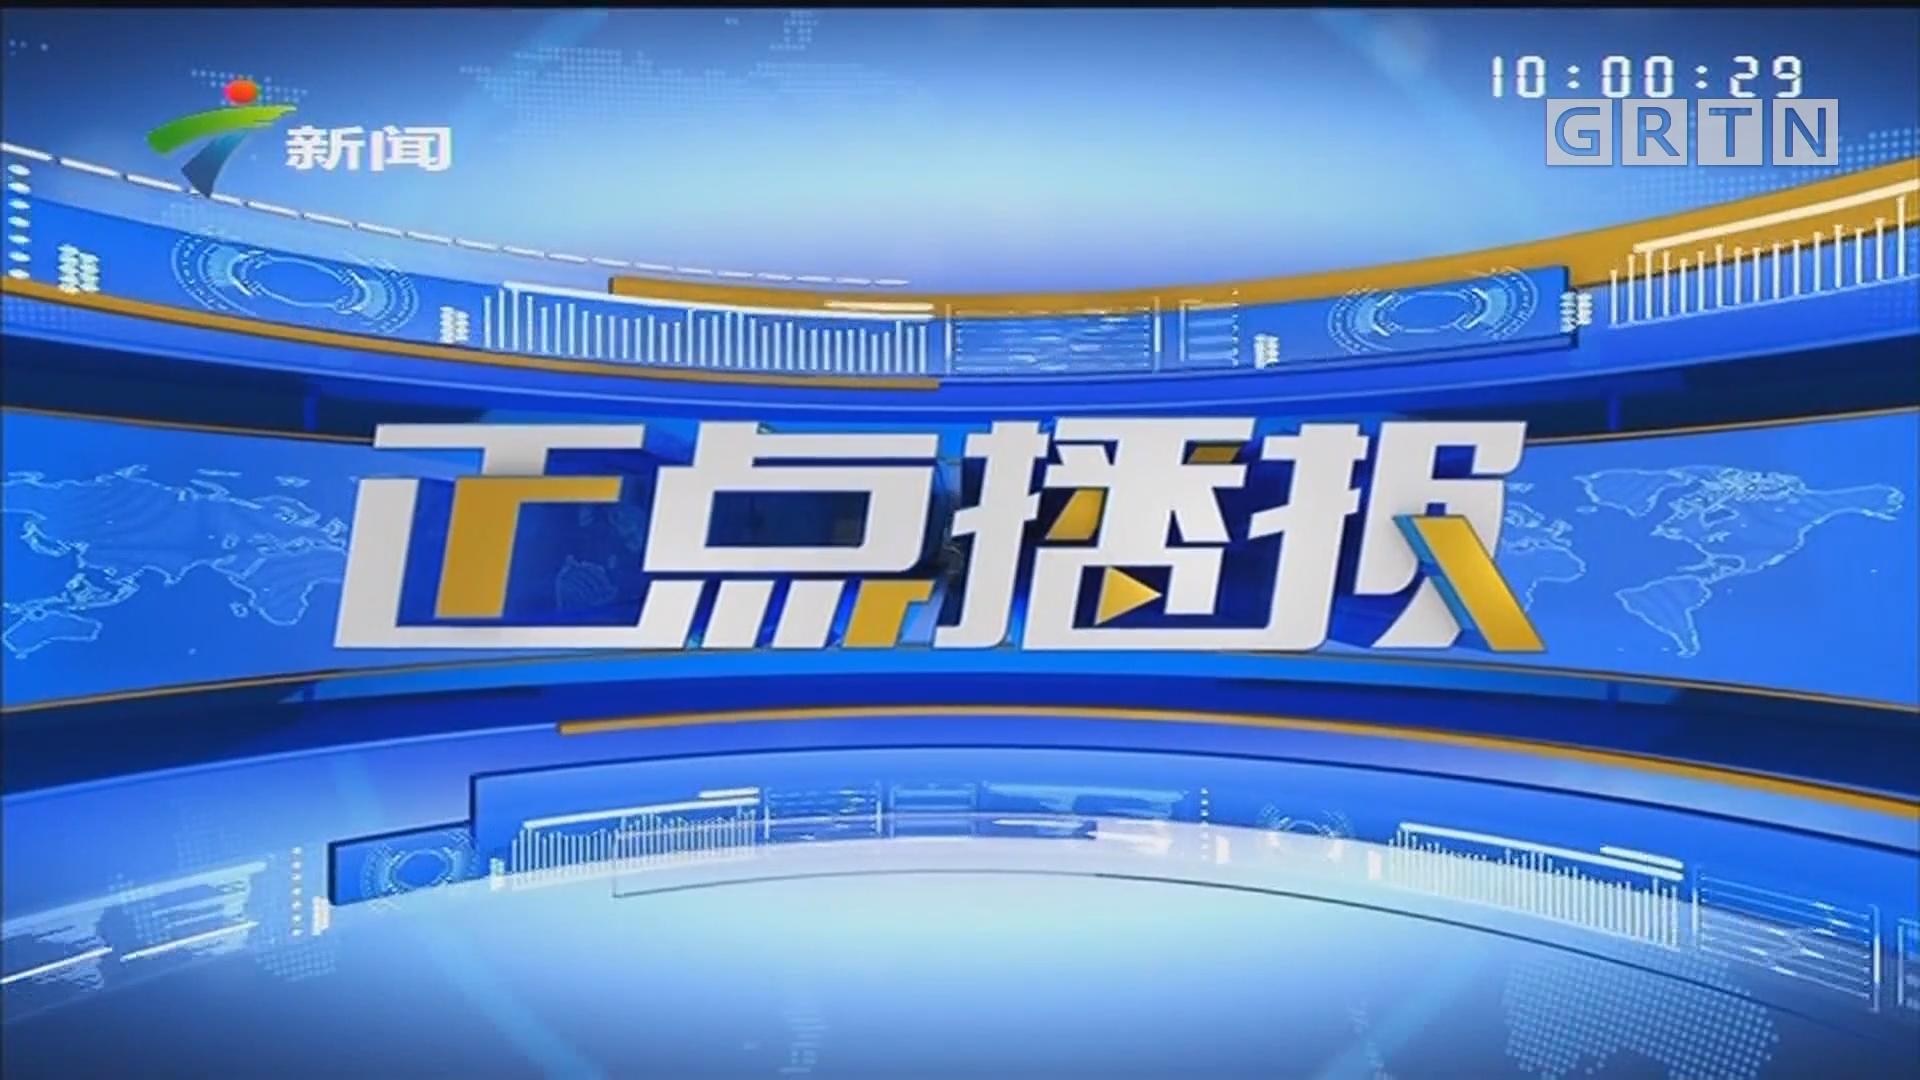 [HD][2019-10-06]正点播报:南粤大地欢庆国庆巡礼:国庆灯会璀璨夜空 22组灯组等你赏